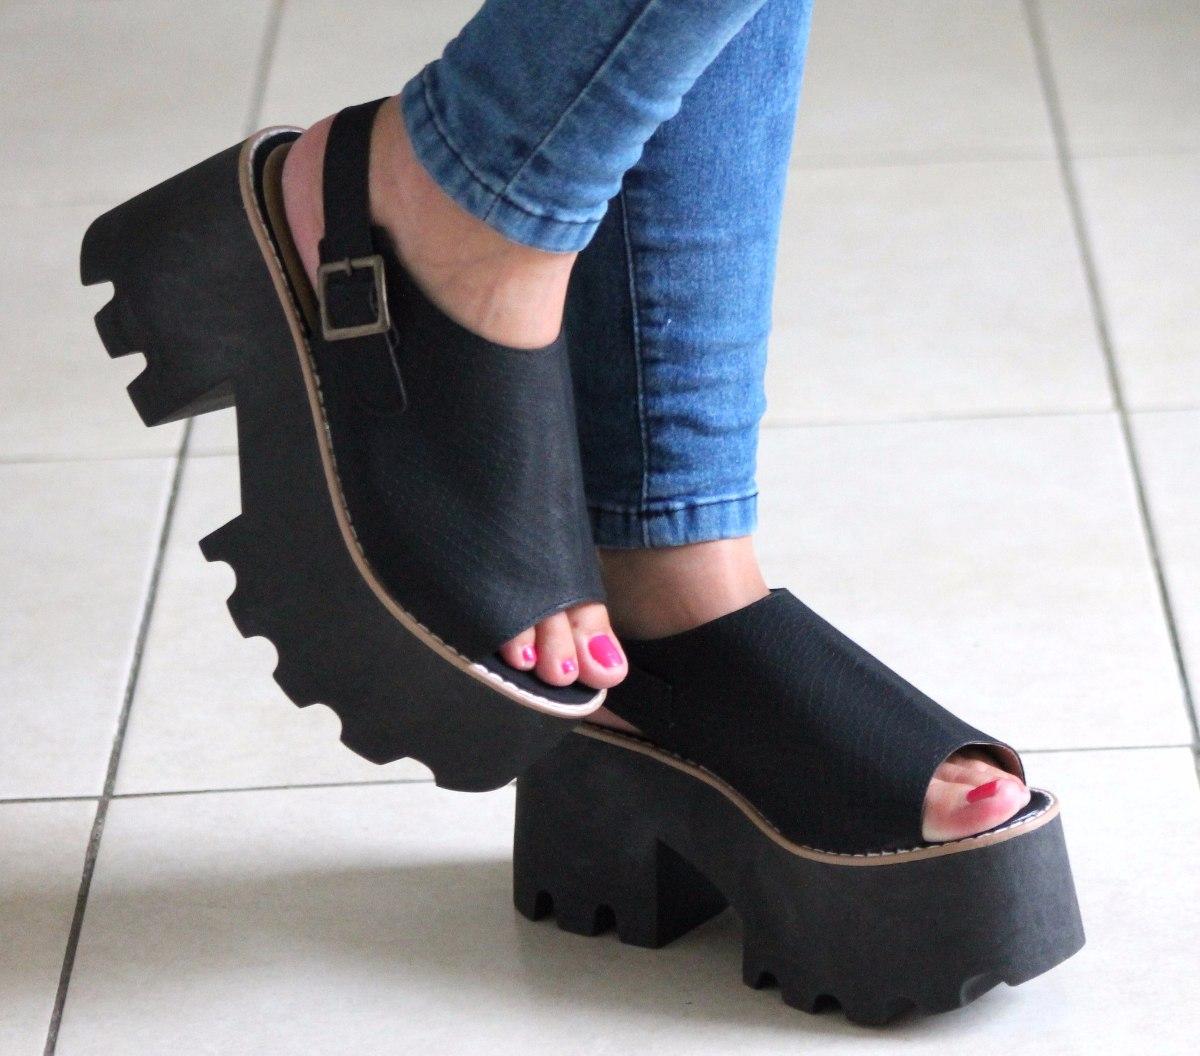 abb7e30c Y 2017 Sandalias Mujeres Zapatos sandalias Verano 76gvmIyYfb